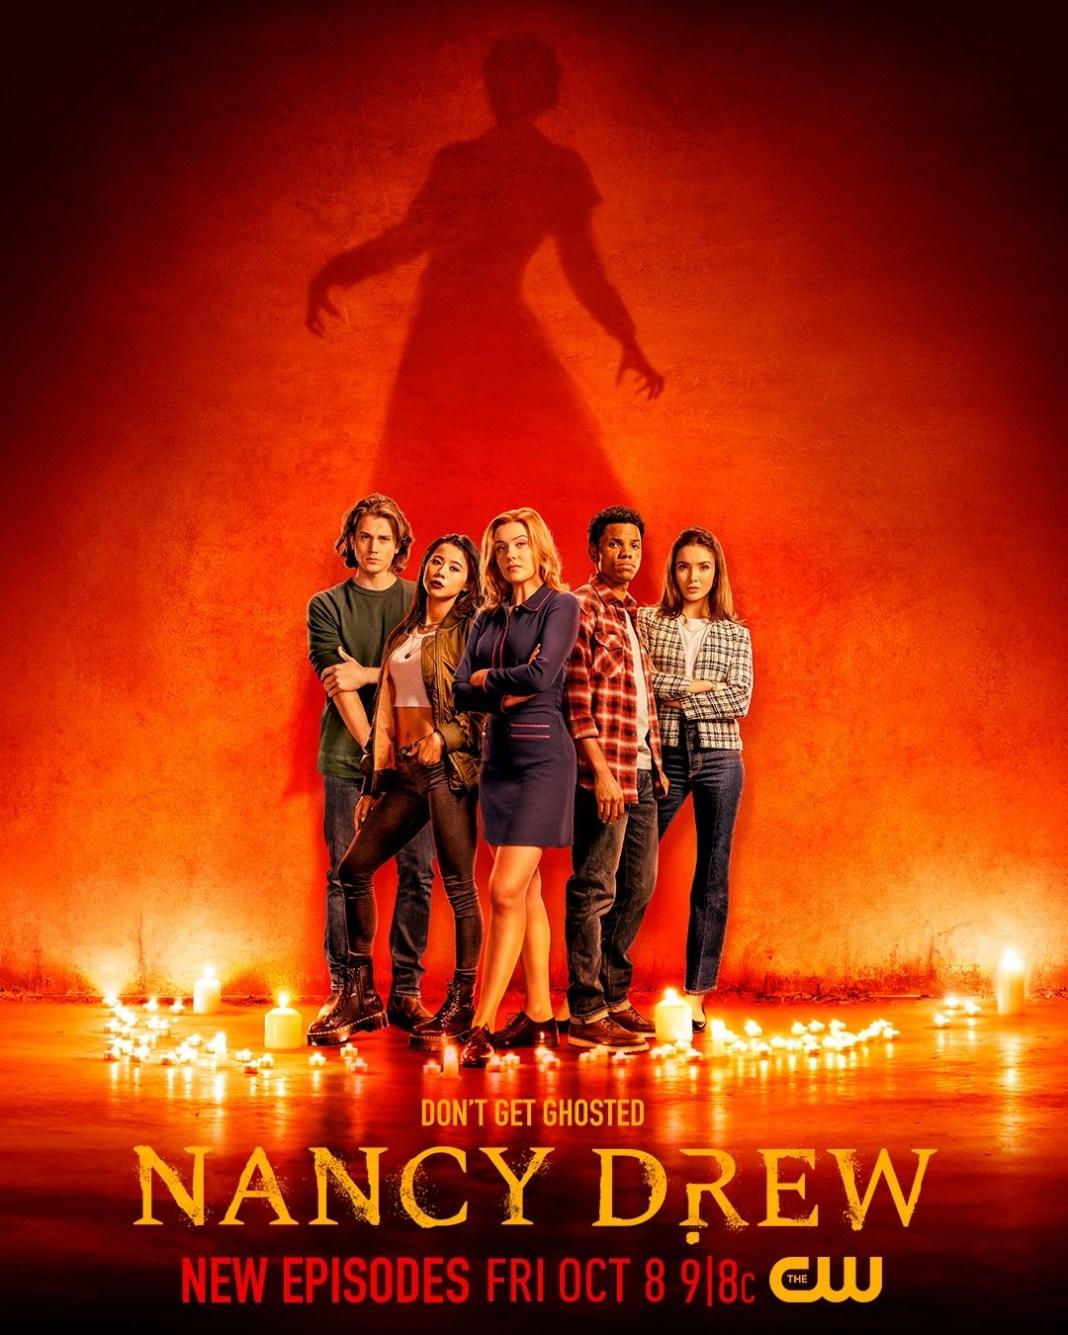 Nancy Drew': New Poster Released for Season 3!